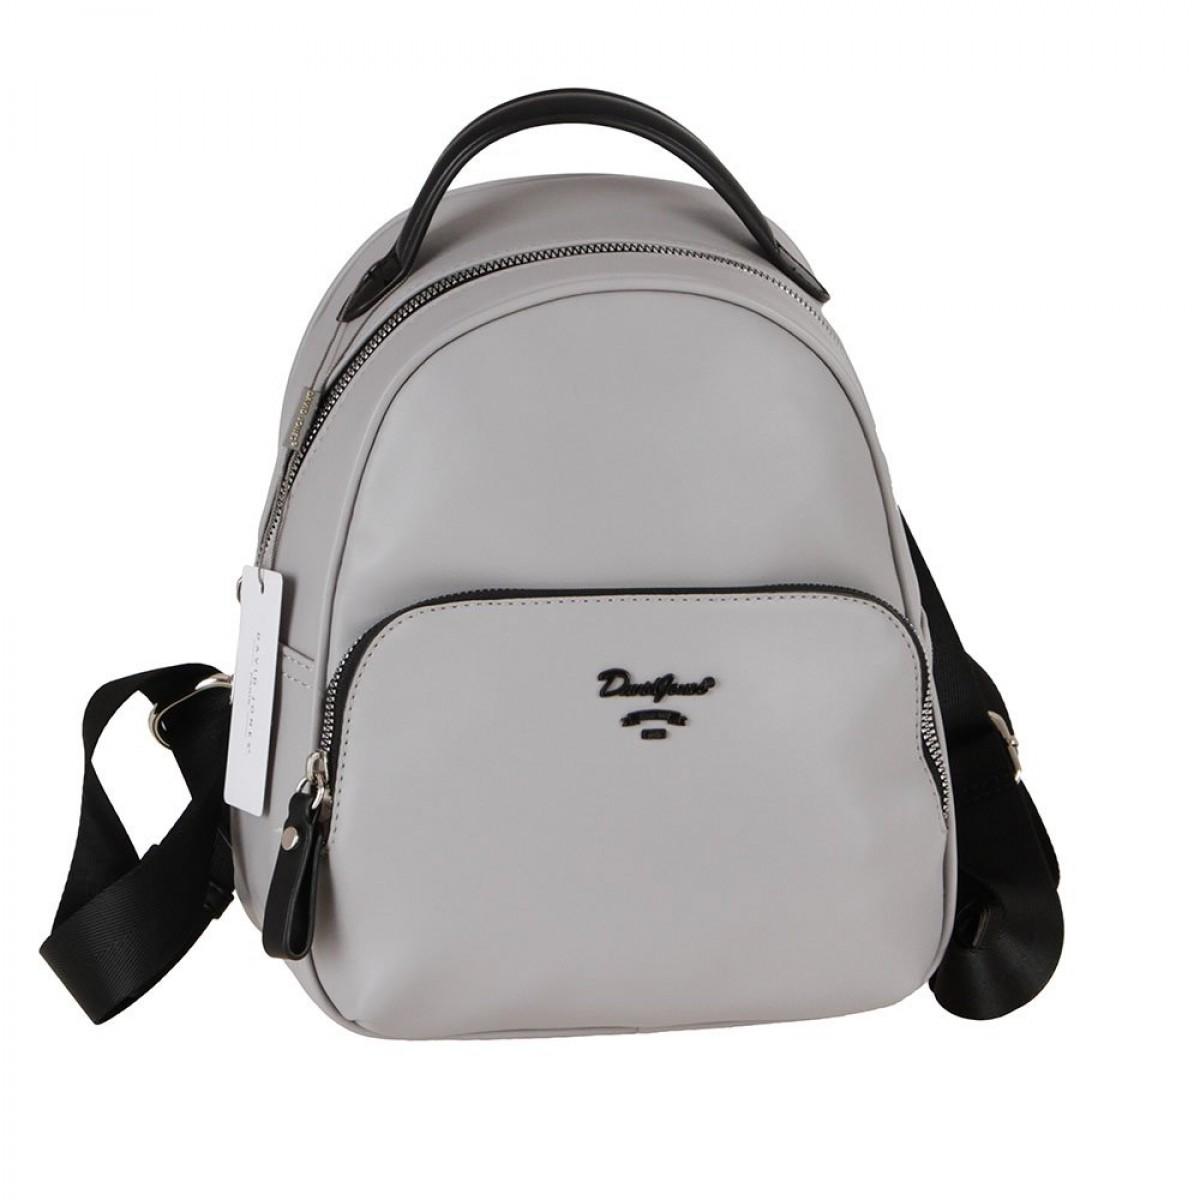 Жіночий рюкзак David Jones 6513-3A L.GREY